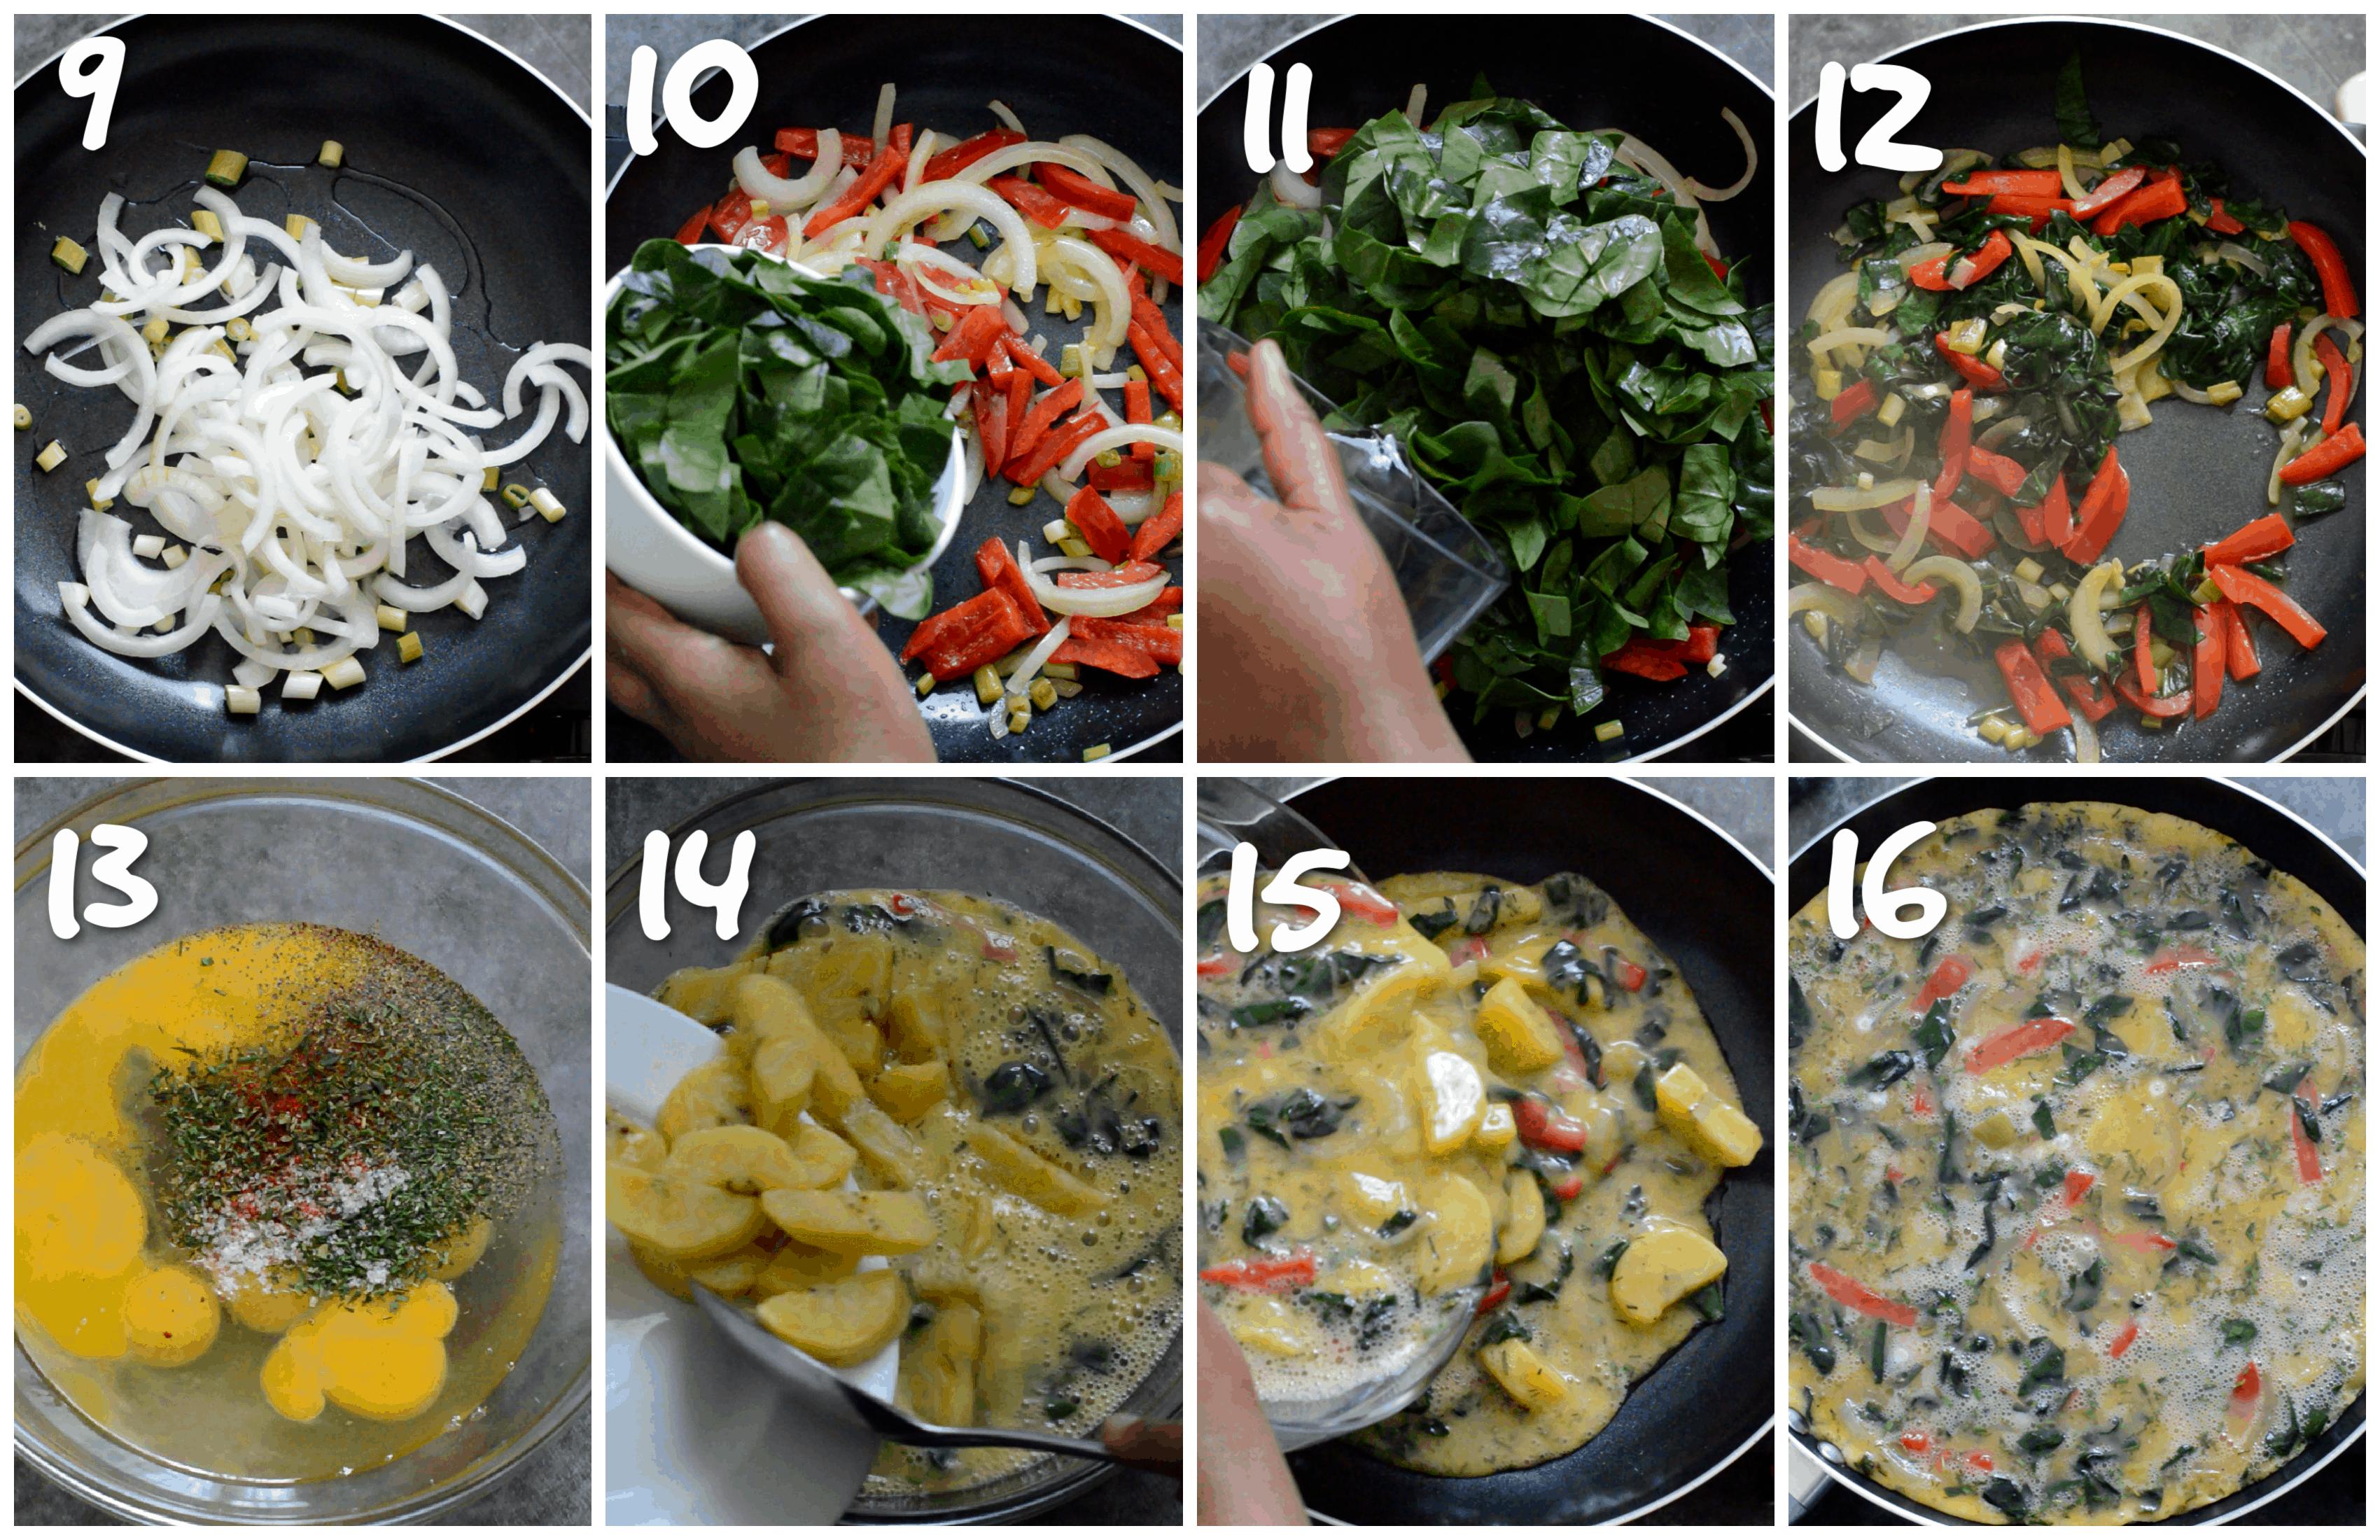 steps 9-16 making the omelette